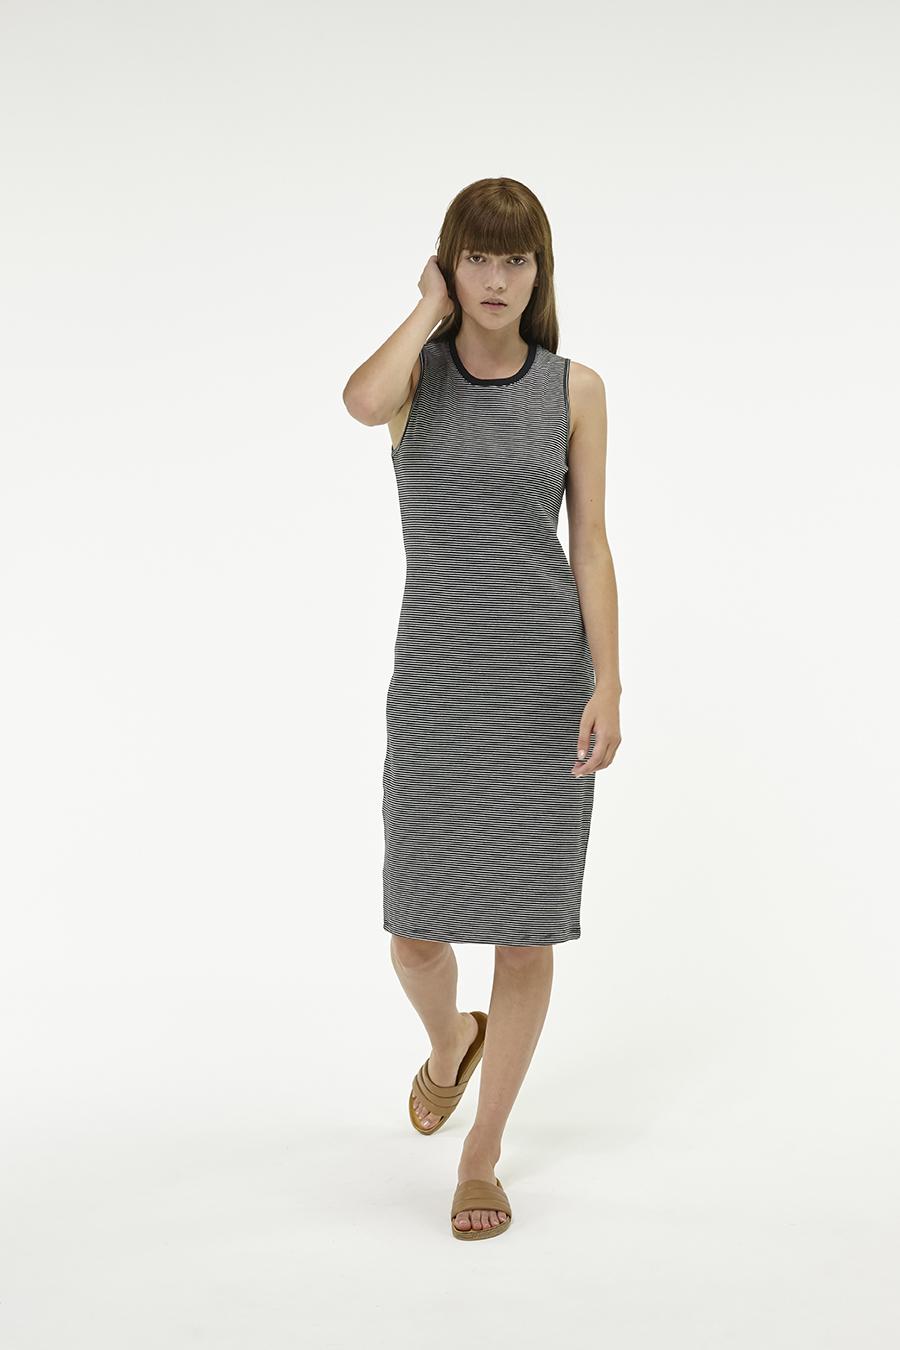 Huffer_Q3-16_W-Club-Stella-Dress_Black-04